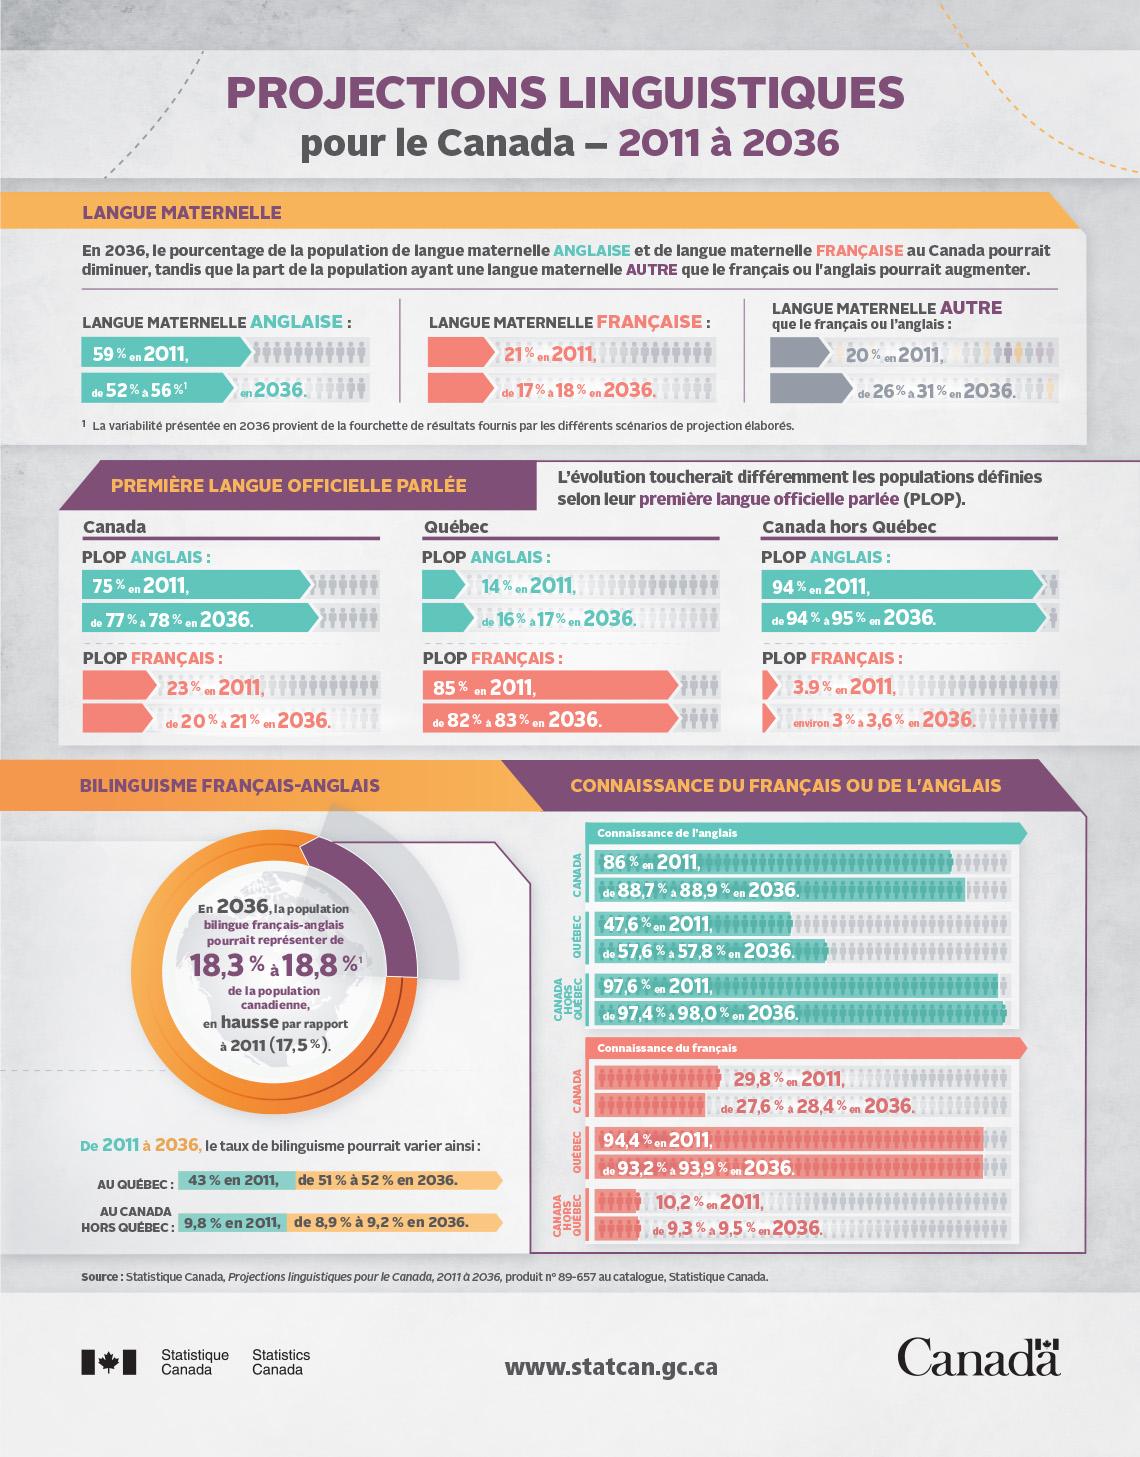 Infographie: Projections linguistiques pour le Canada – 2011 à 2036